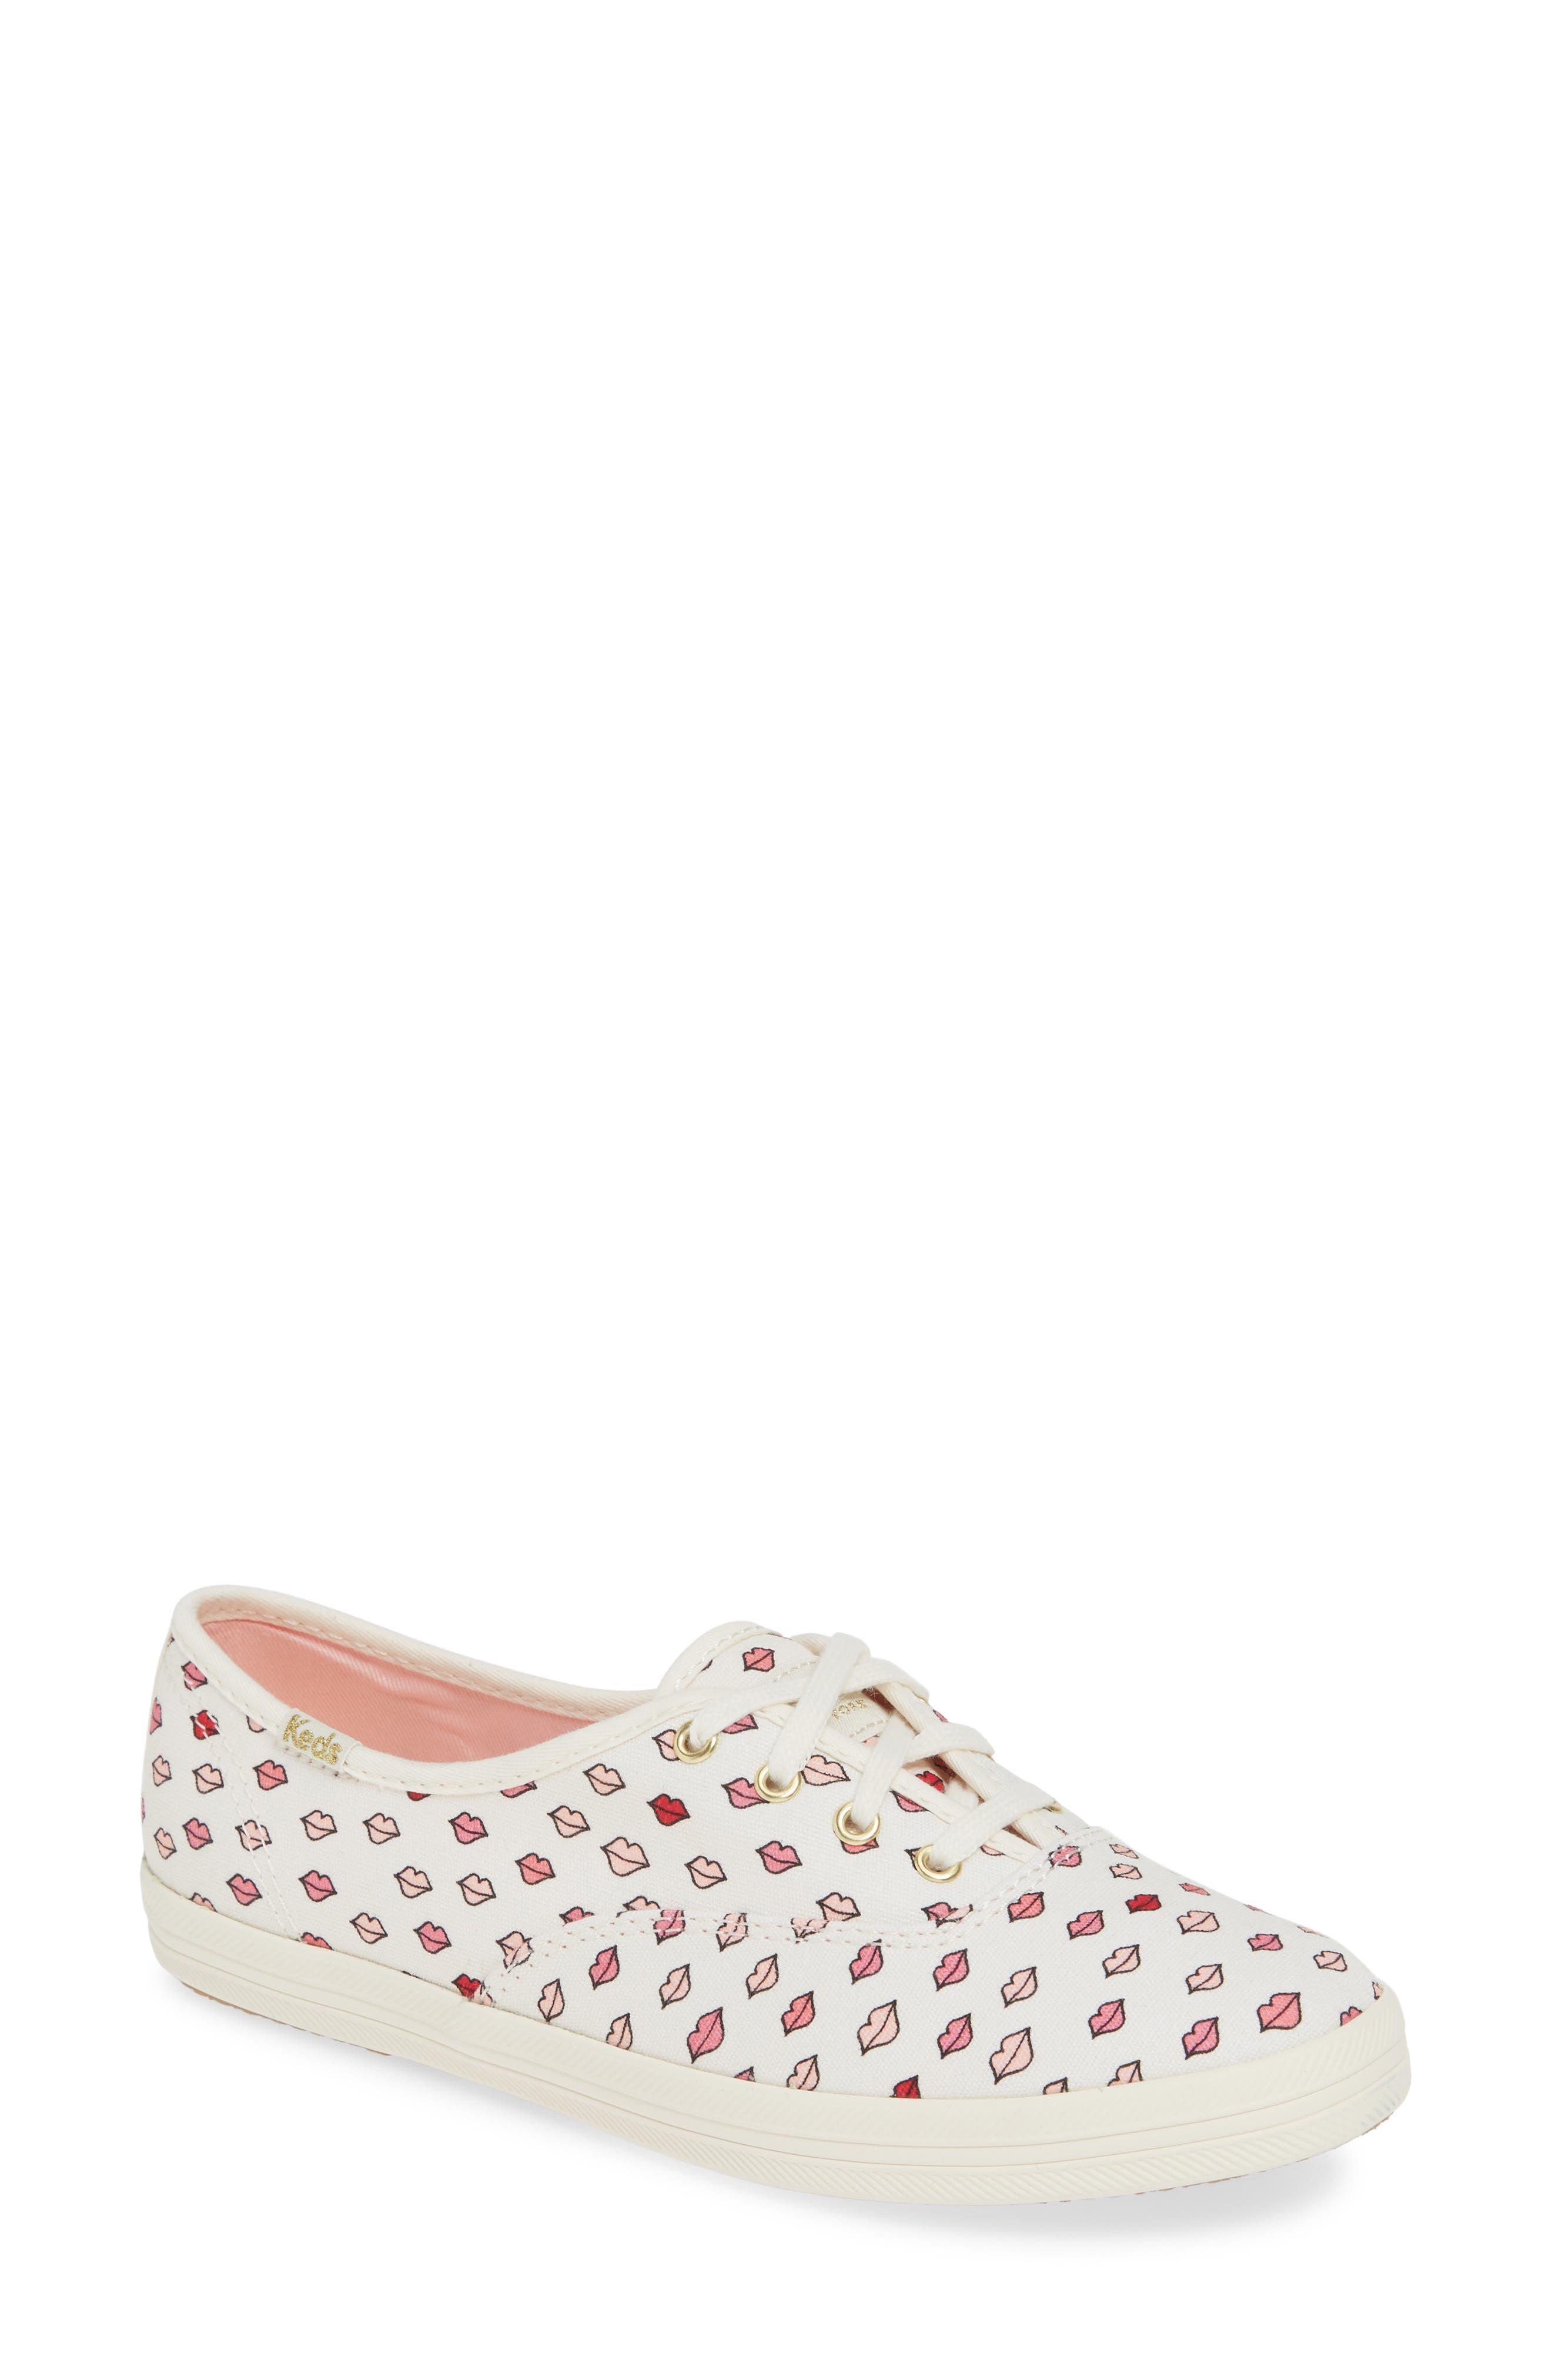 e82c919c1 Buy kedsr for kate spade new york shoes for women - Best women's ...